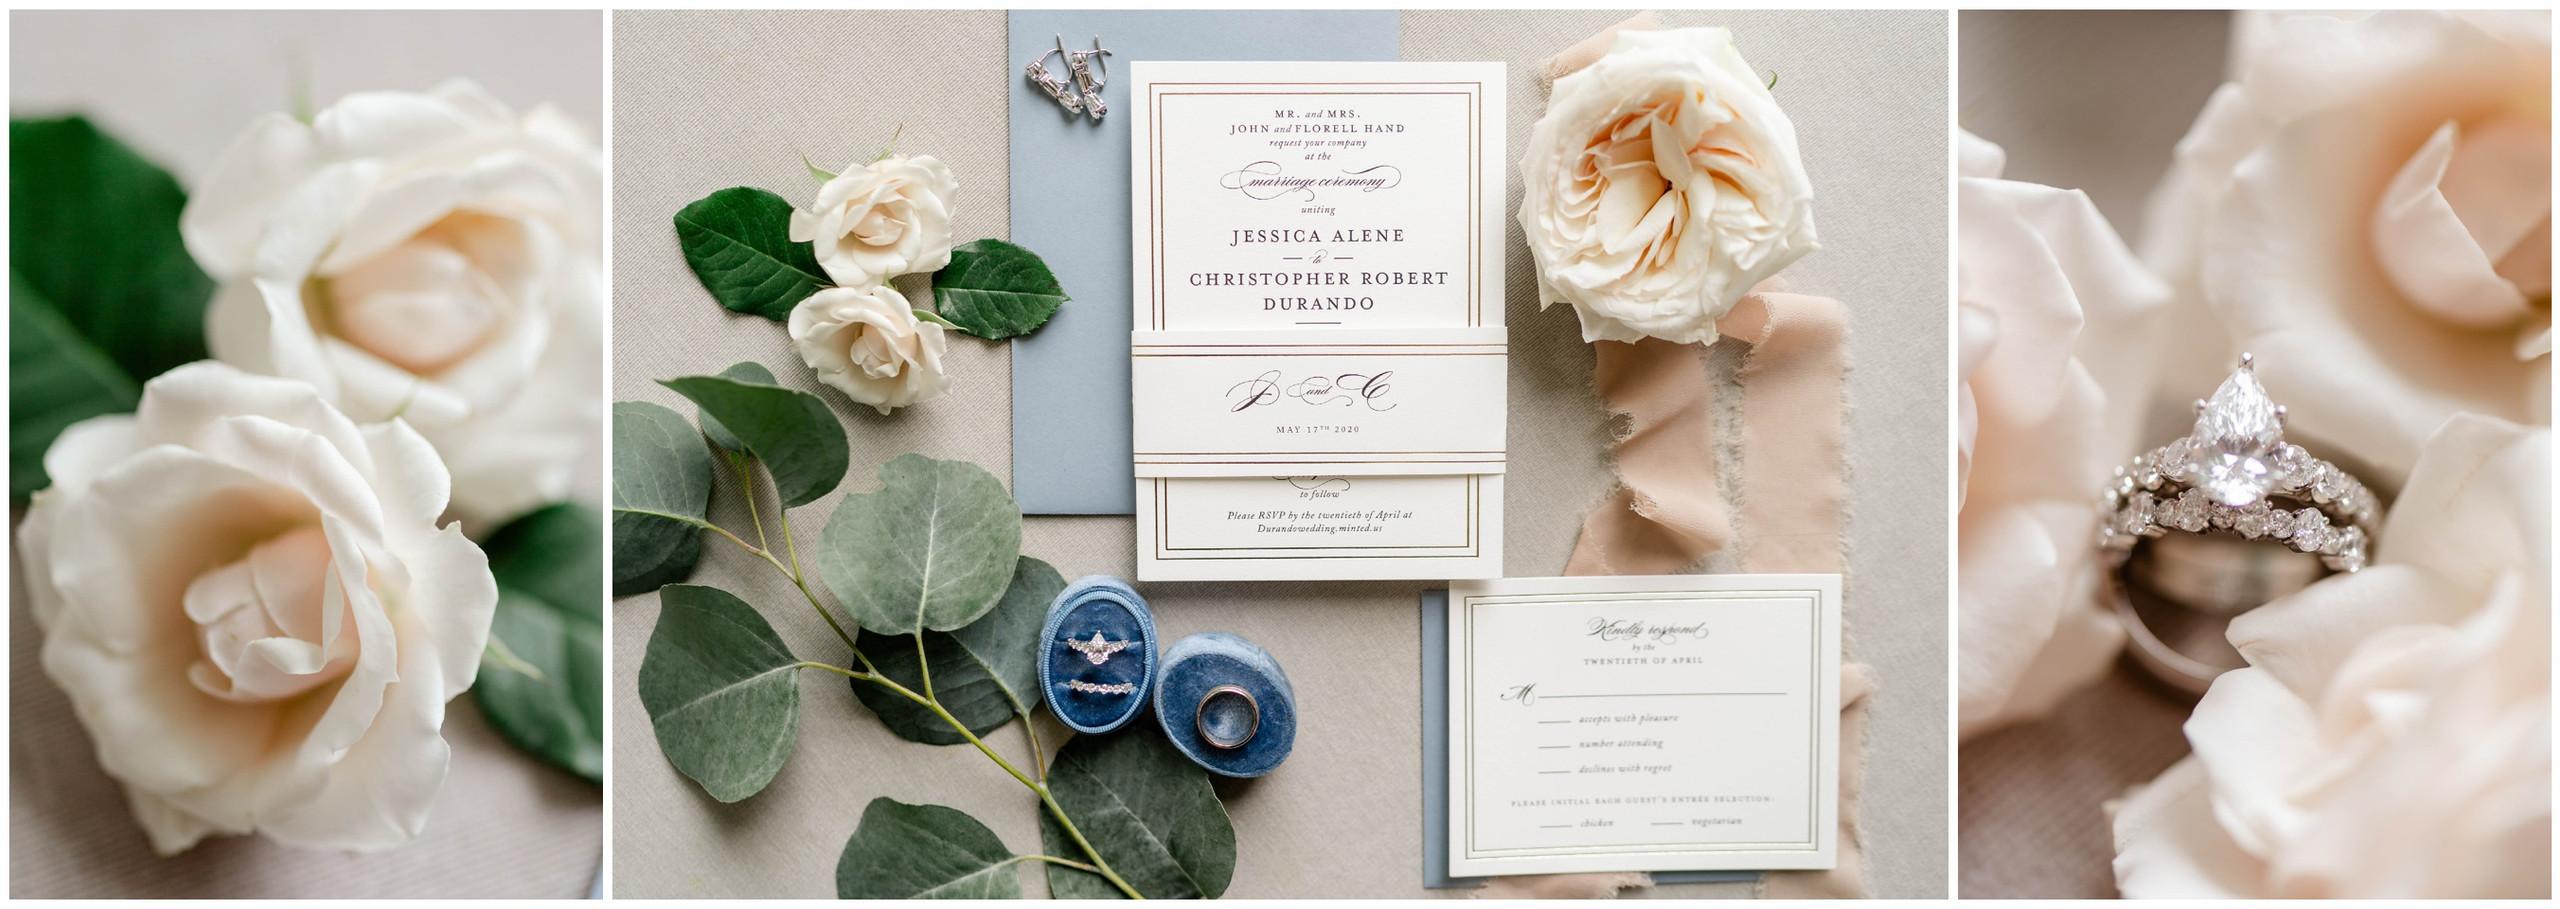 Indy-Weddings